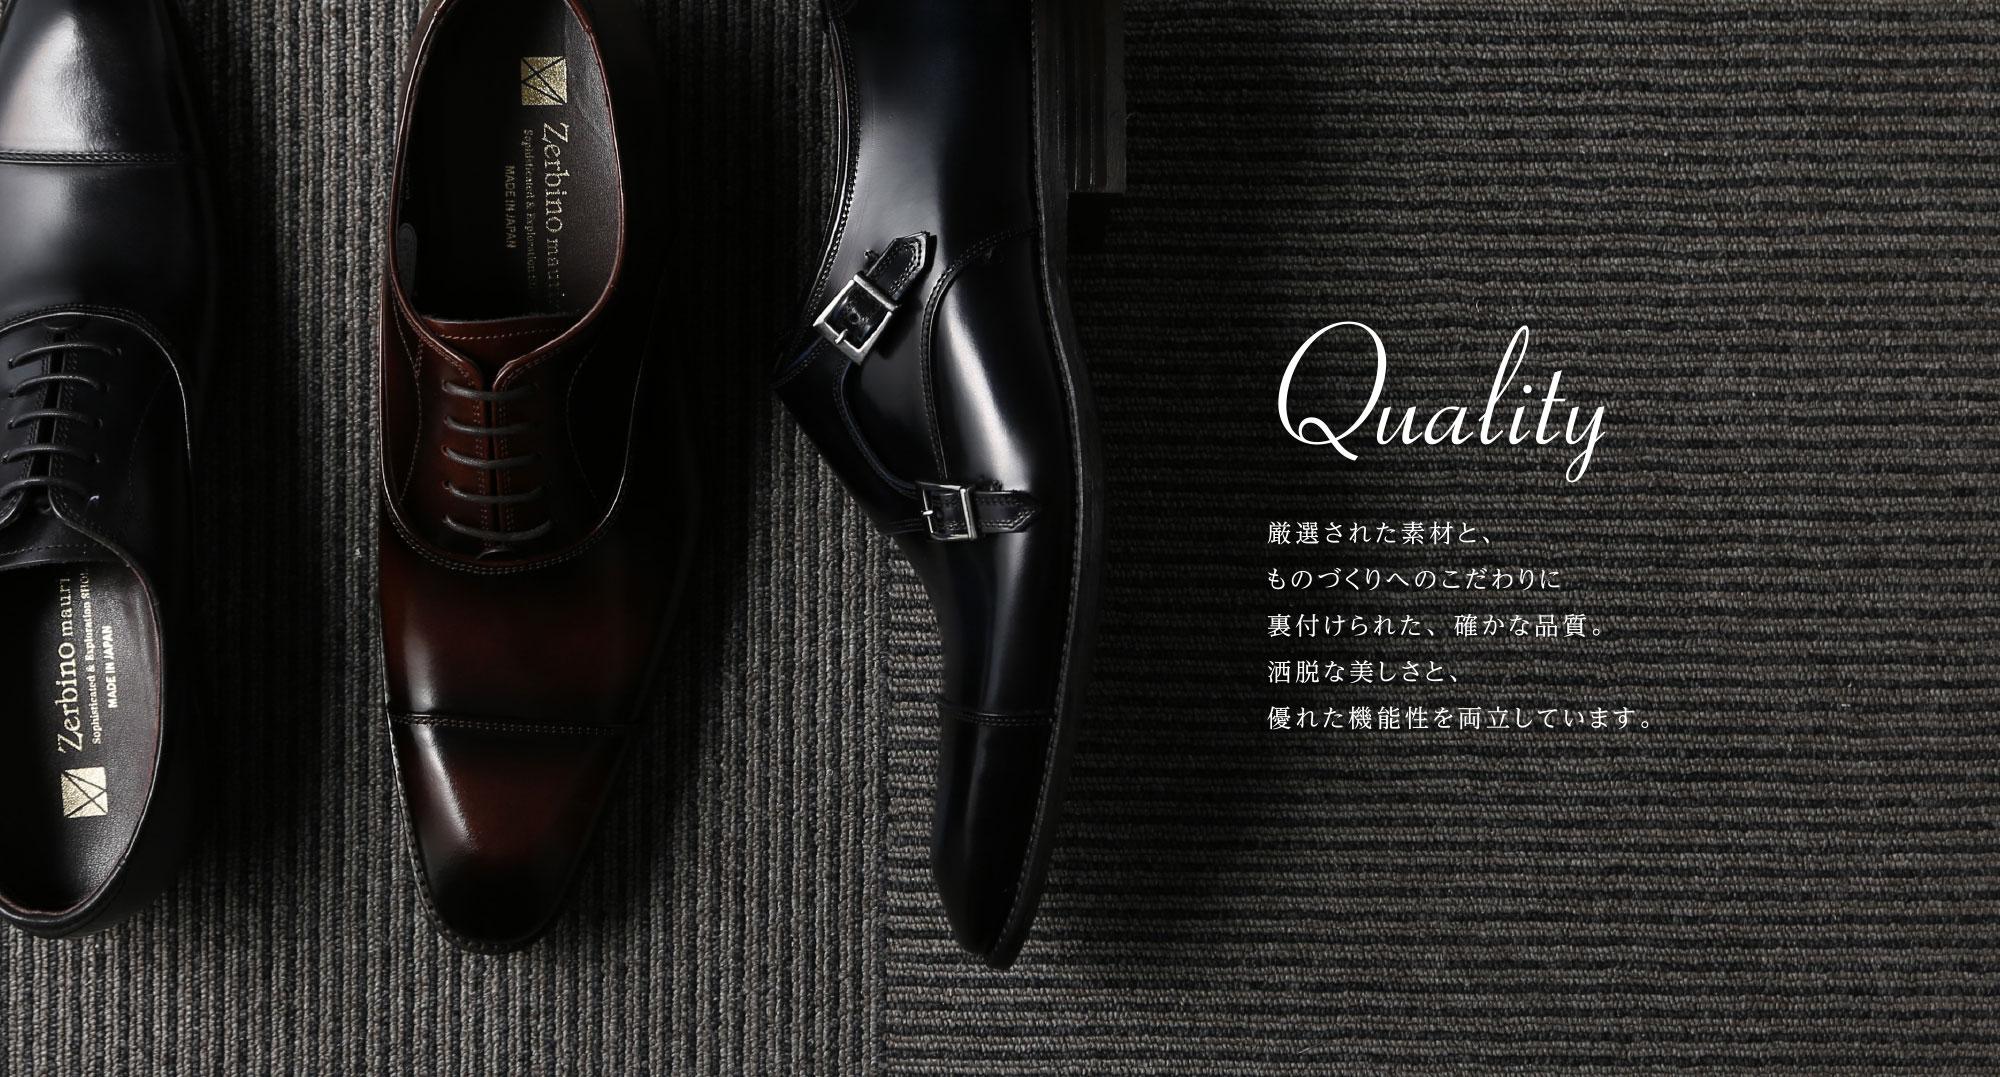 Quality 厳選された素材と、ものづくりへのこだわりに裏付けられた、確かな品質。洒脱な美しさと、優れた機能性を両立しています。